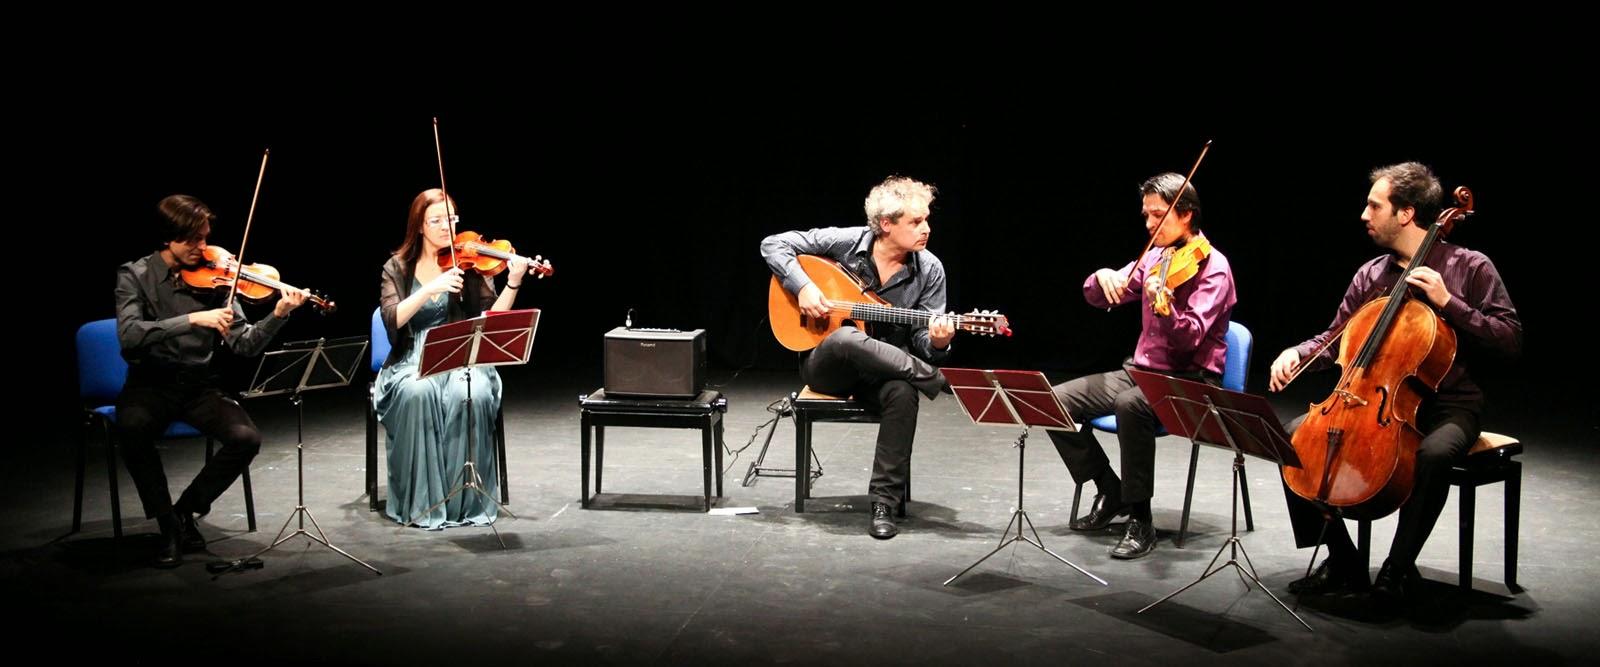 Homenagem à guitarra portuguesa no CCB